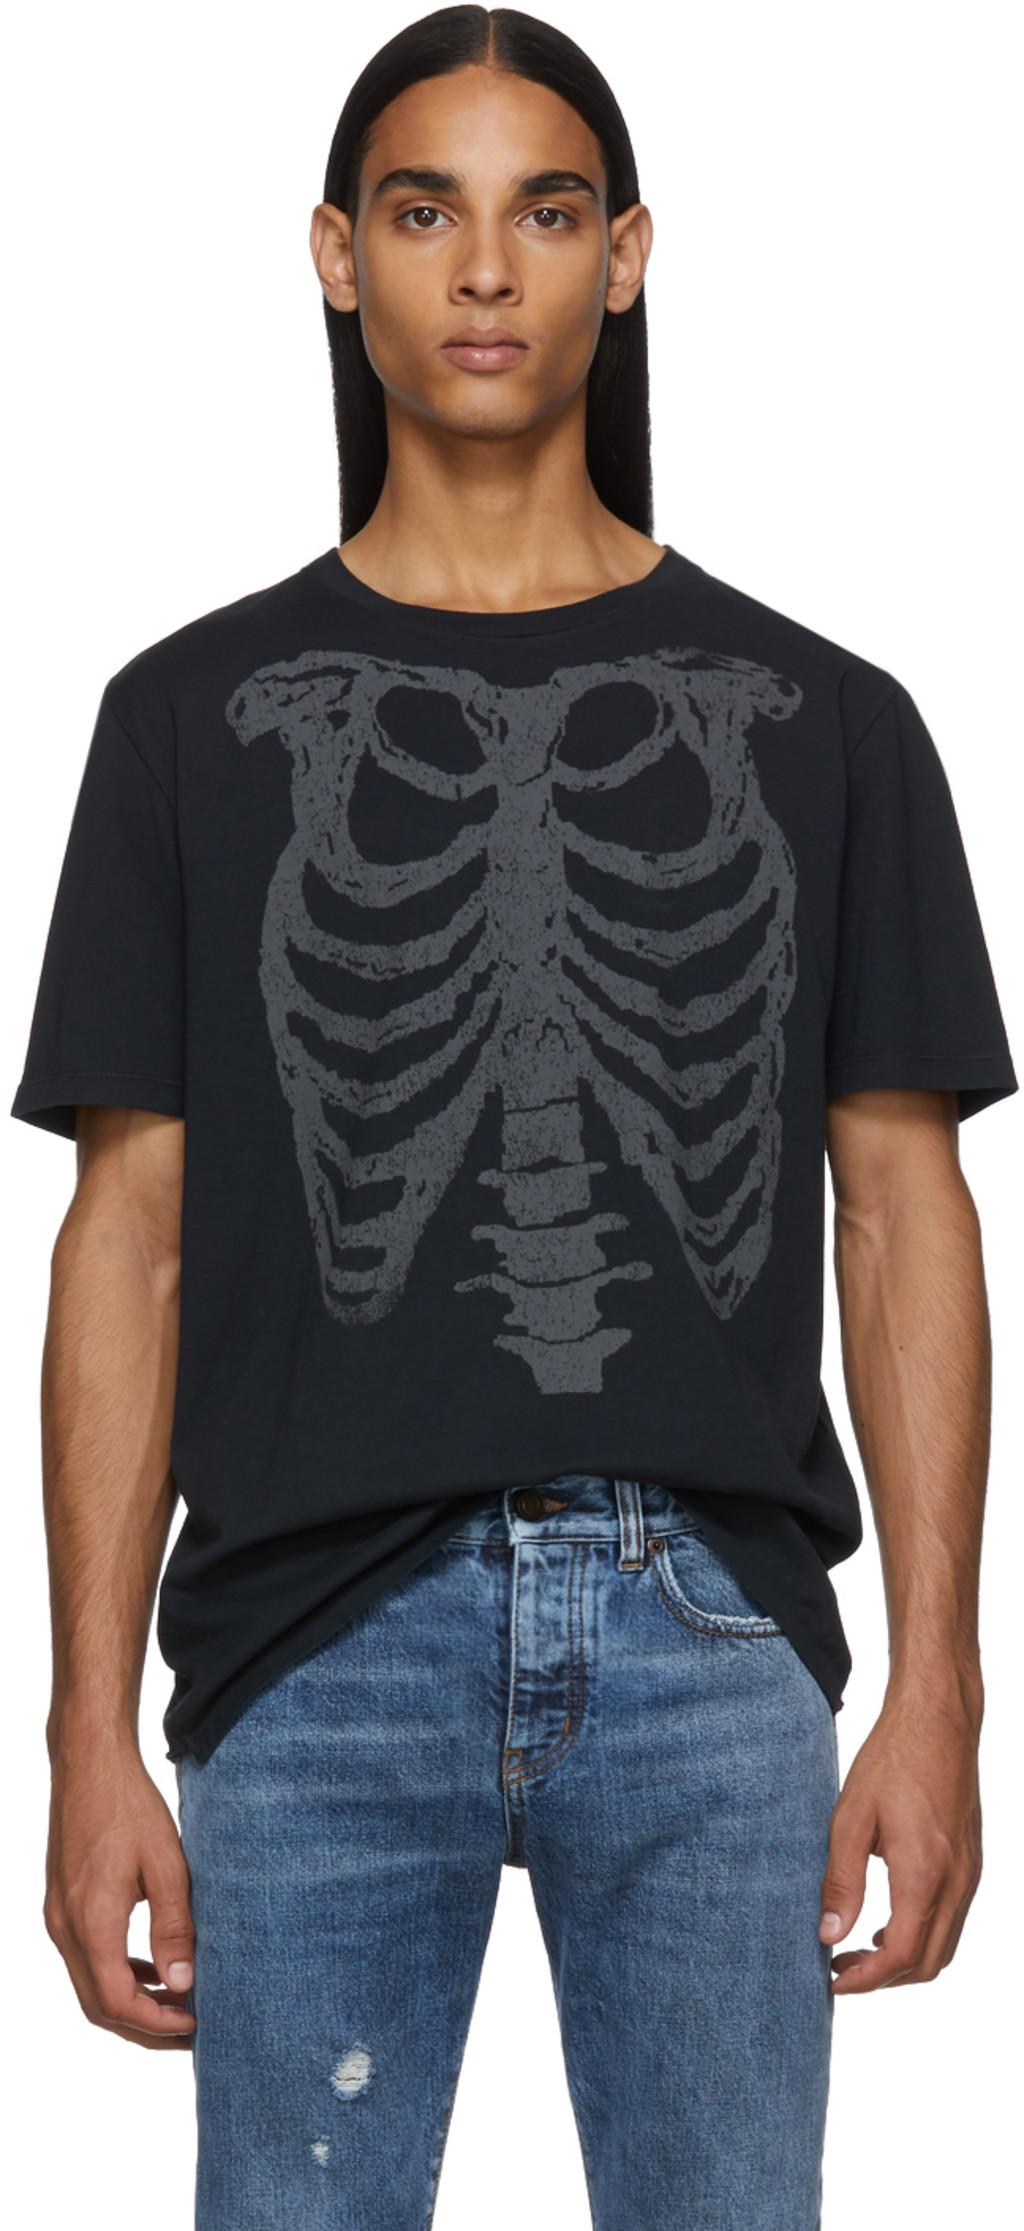 0cc108d3f1 Black Skeleton T-Shirt